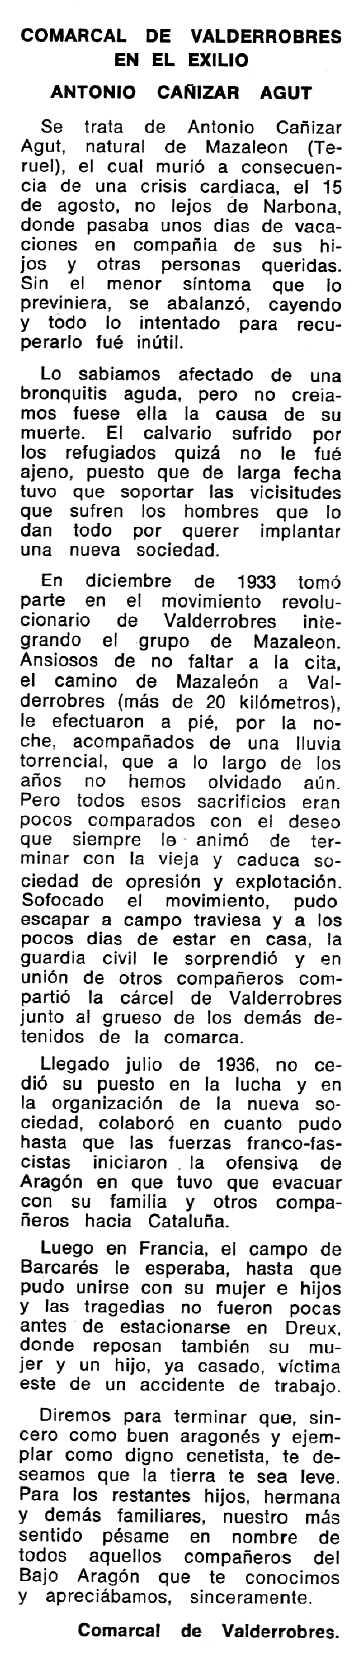 """Necrològica d'Antonio Cañizar Agut apareguda en el periòdic tolosà """"Espoir"""" del 23 de novembre de 1969"""